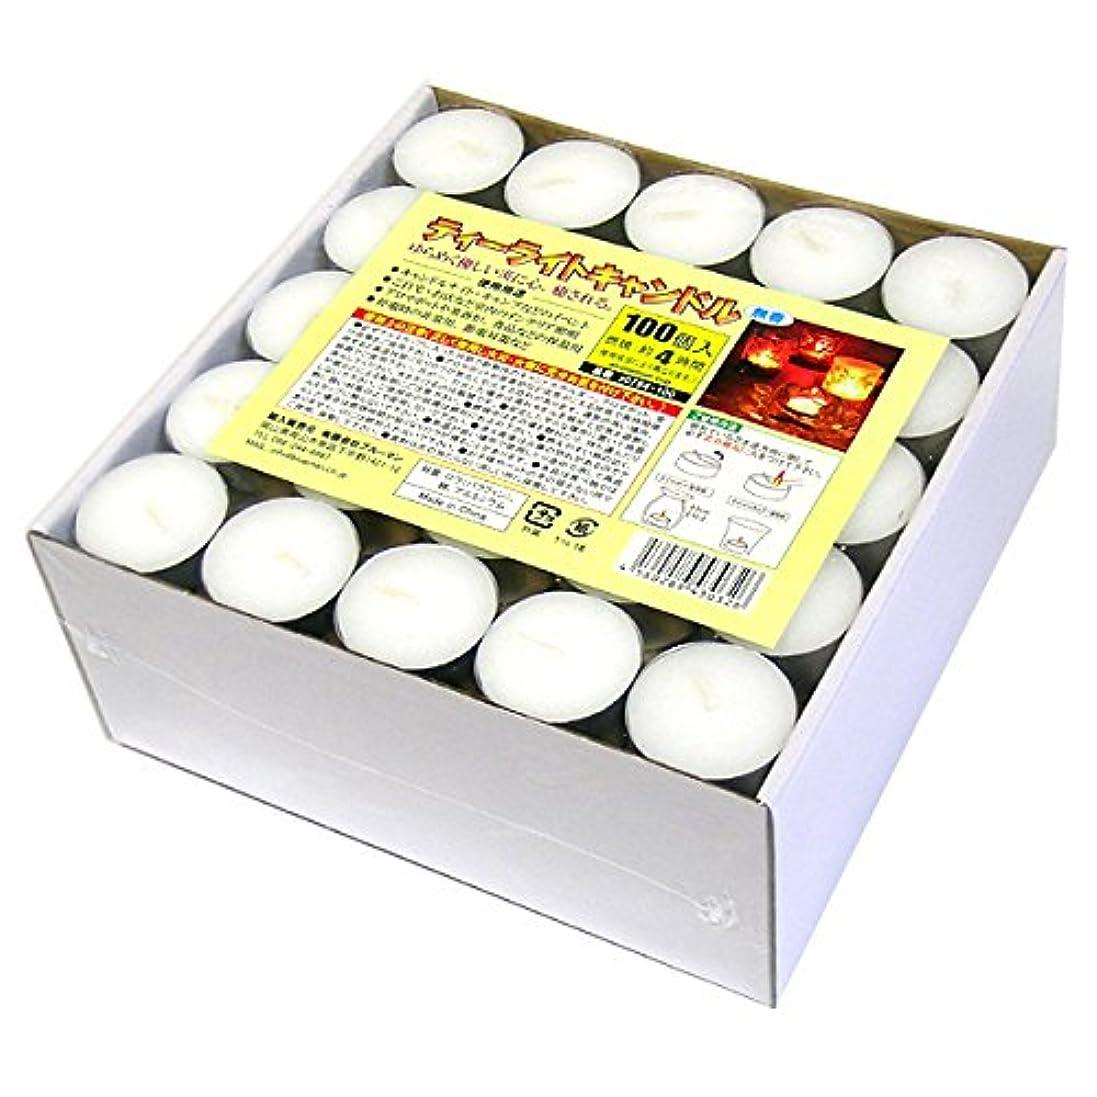 抽選洗剤剣ティーライトキャンドル アルミカップ 燃焼 約4時間 100個 キャンドルライト 専門店